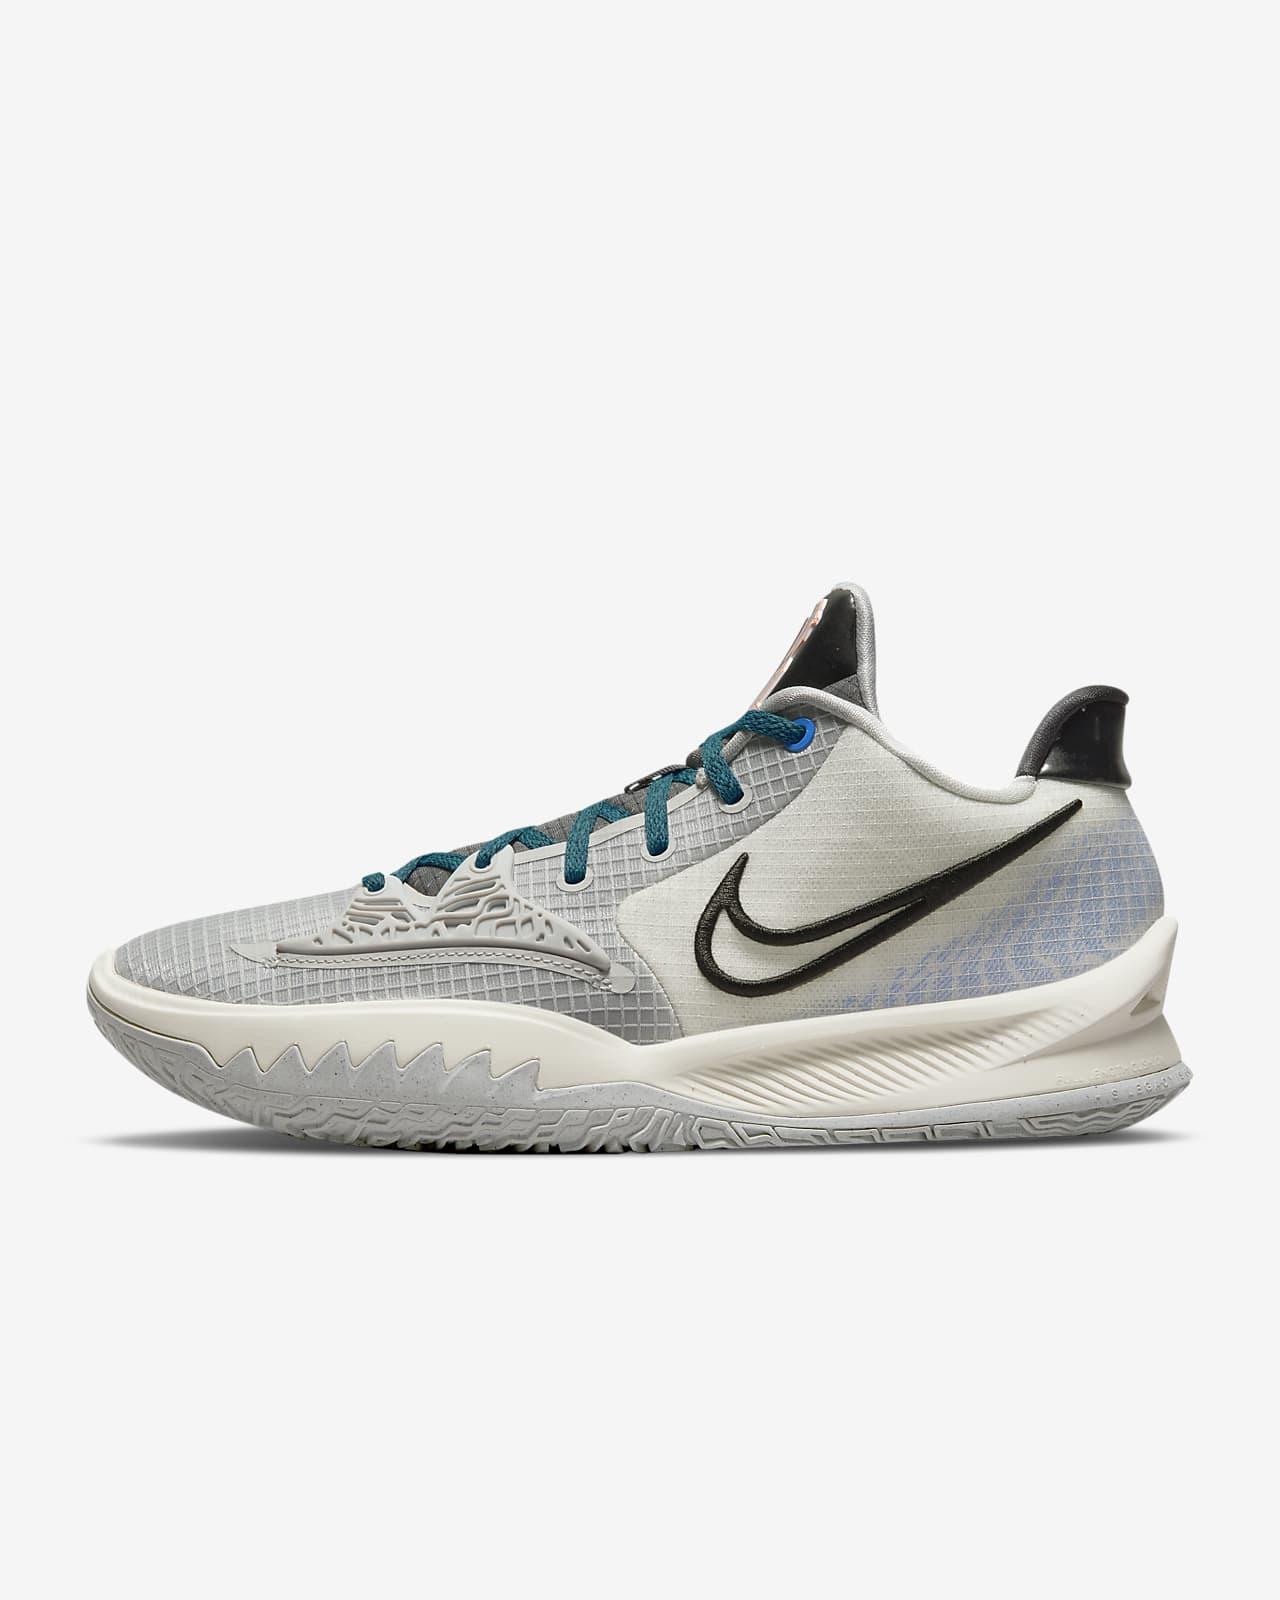 Баскетбольные кроссовки Kyrie Low 4